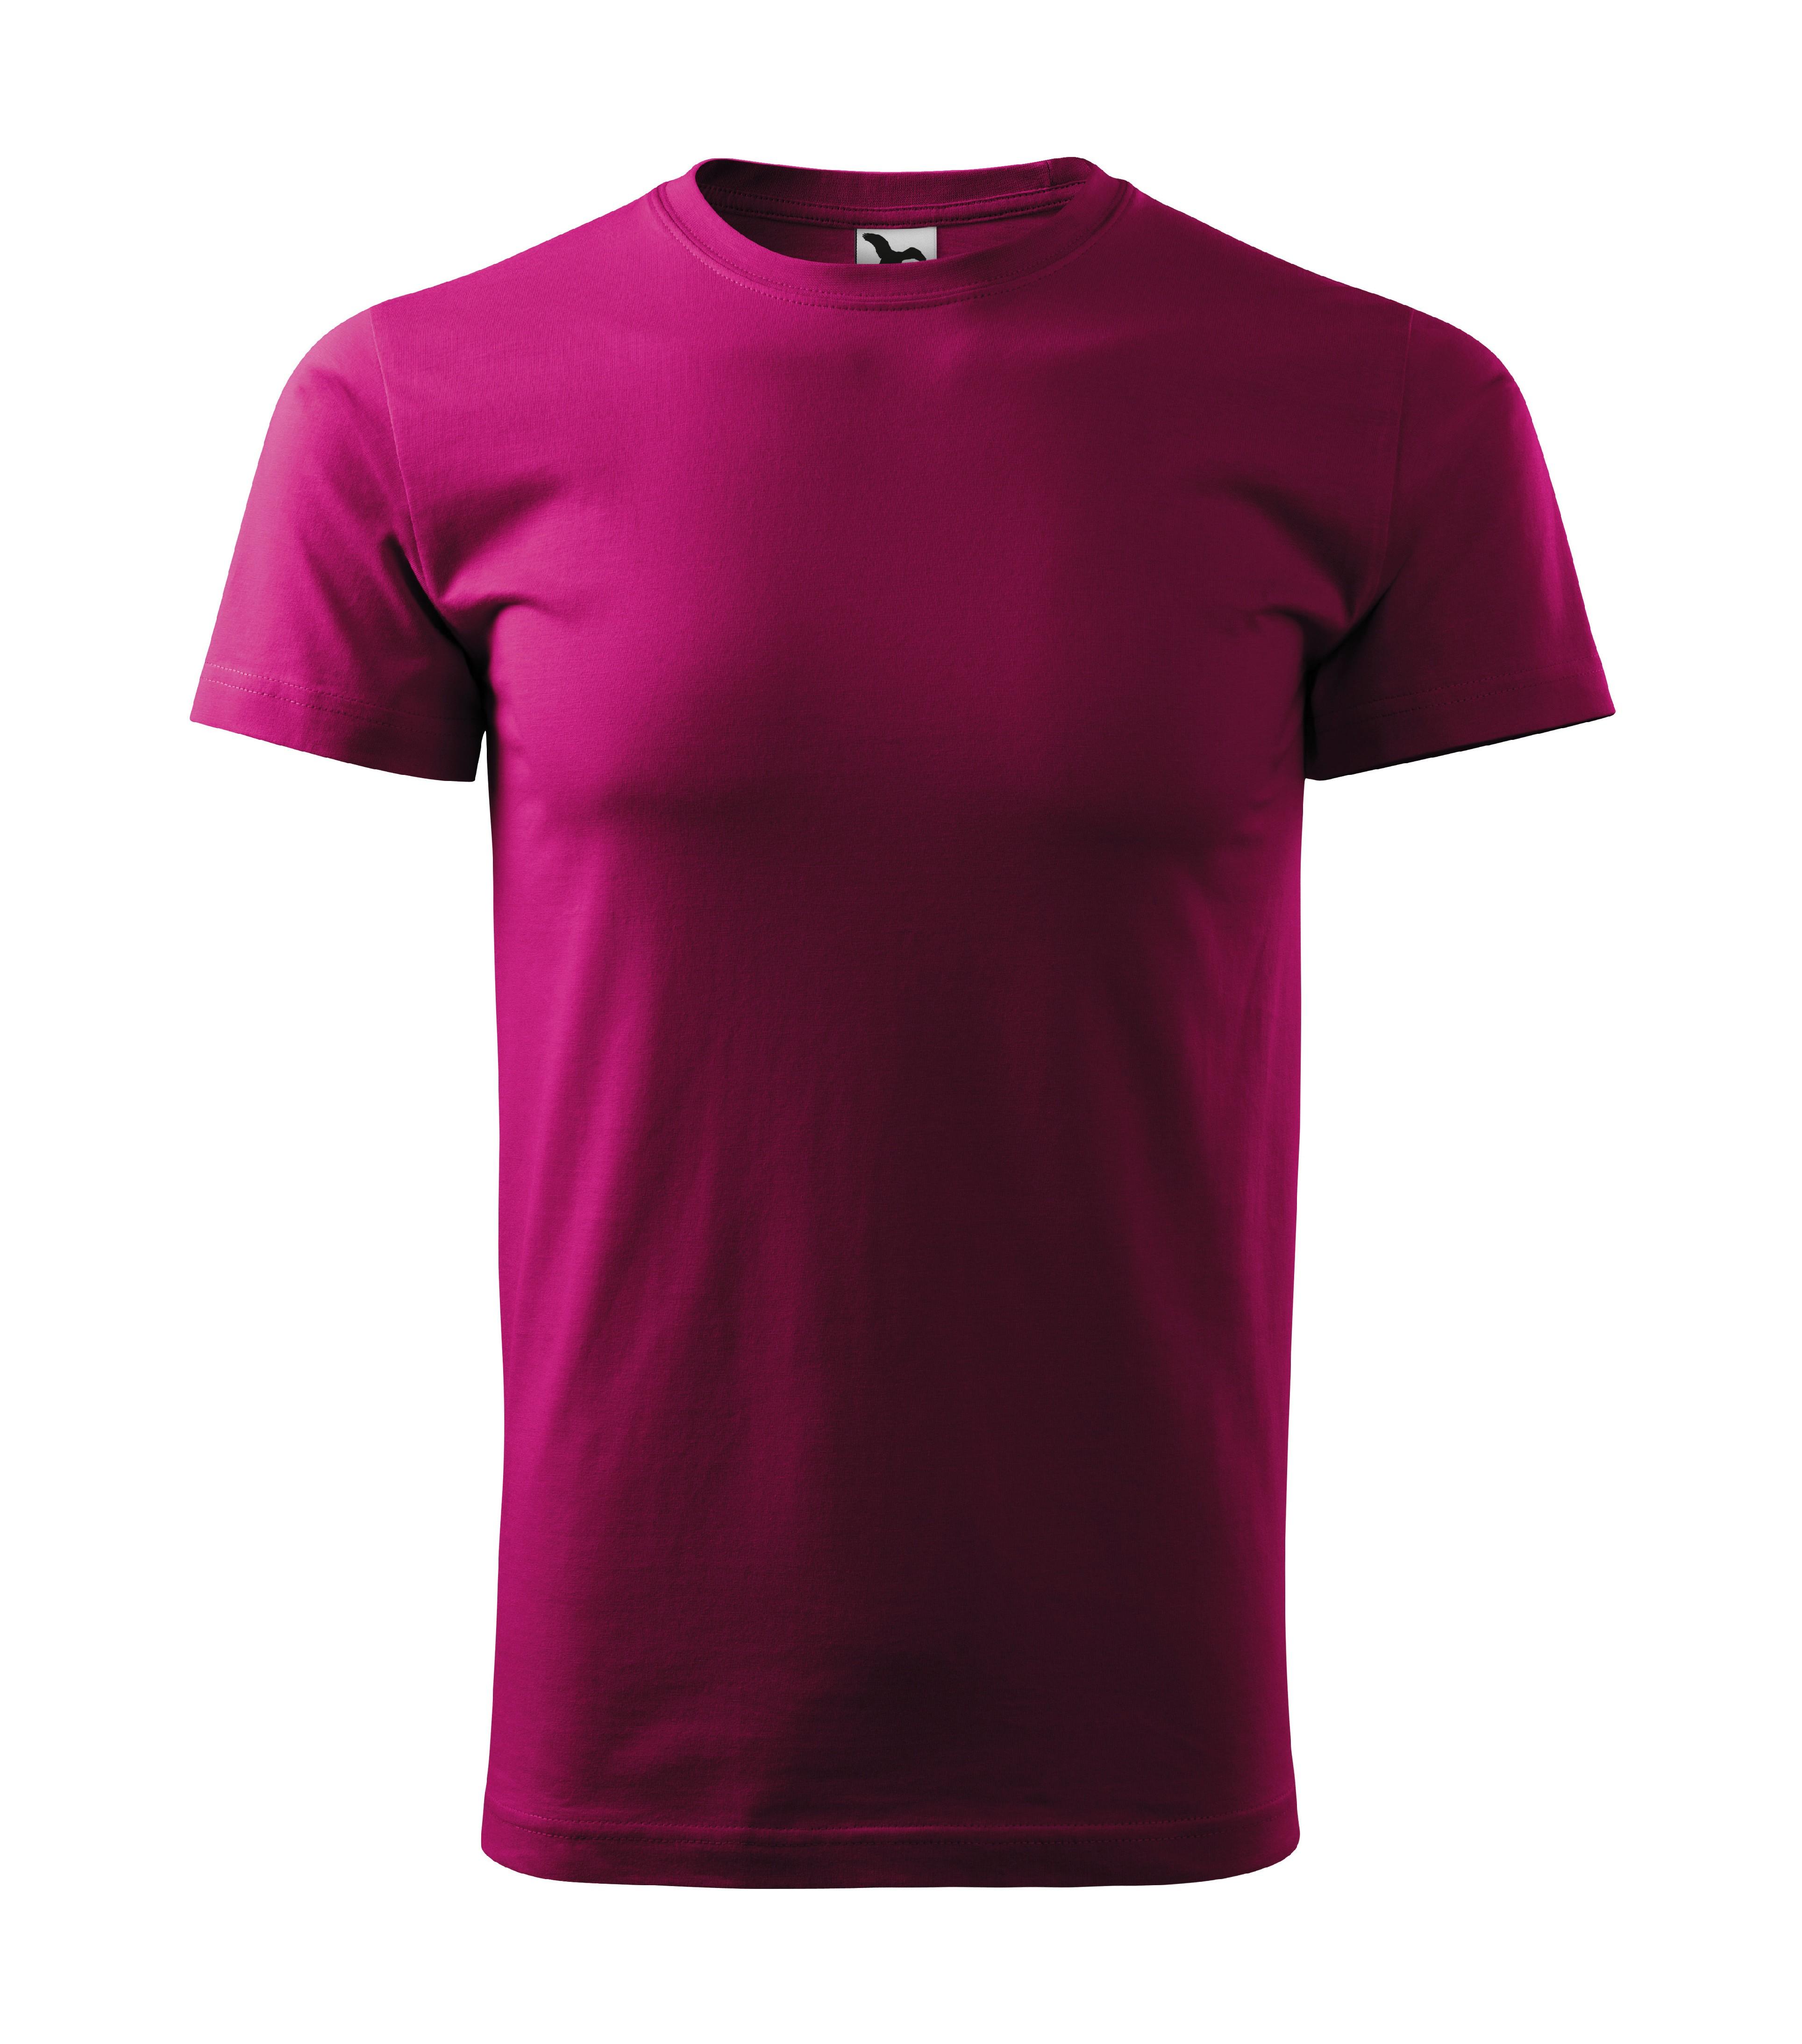 9bd262419a0 Tričko pánské Basic Barva  fuchsia red